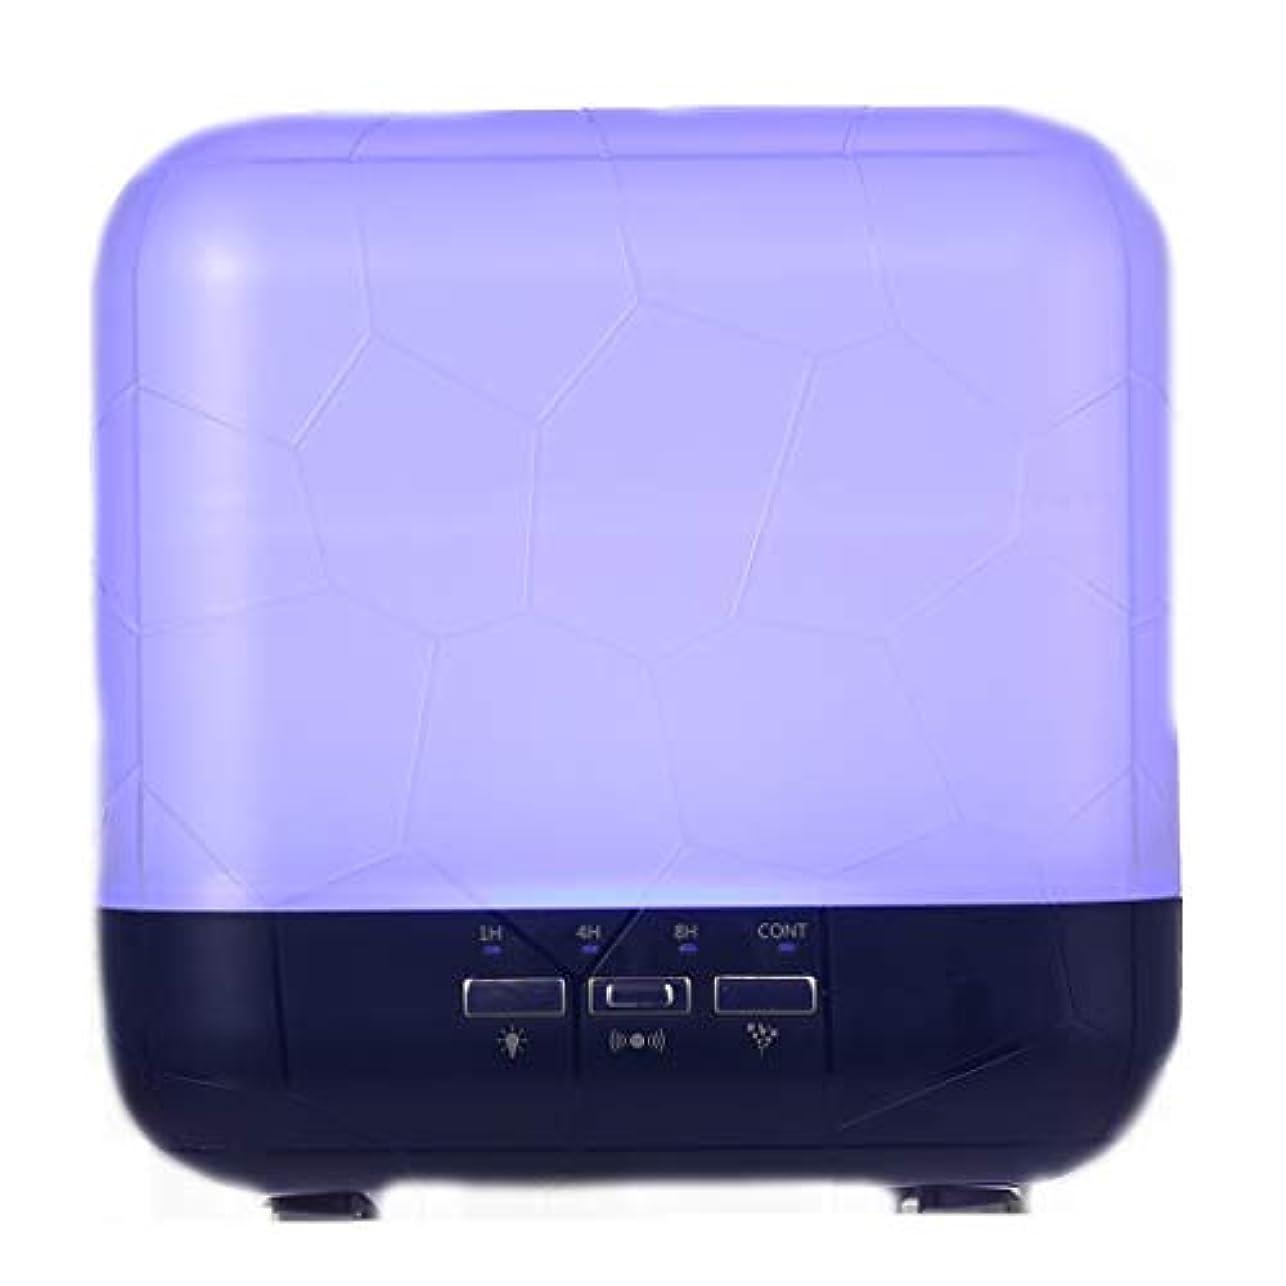 摂氏度アルコーブ腹部拡散器、調節可能なミストモード、寝室/オフィス/旅行のためのアロマセラピー機械を離れた自動のHomeweeks 1000ml多彩な精油の拡散器 (Color : Purple)